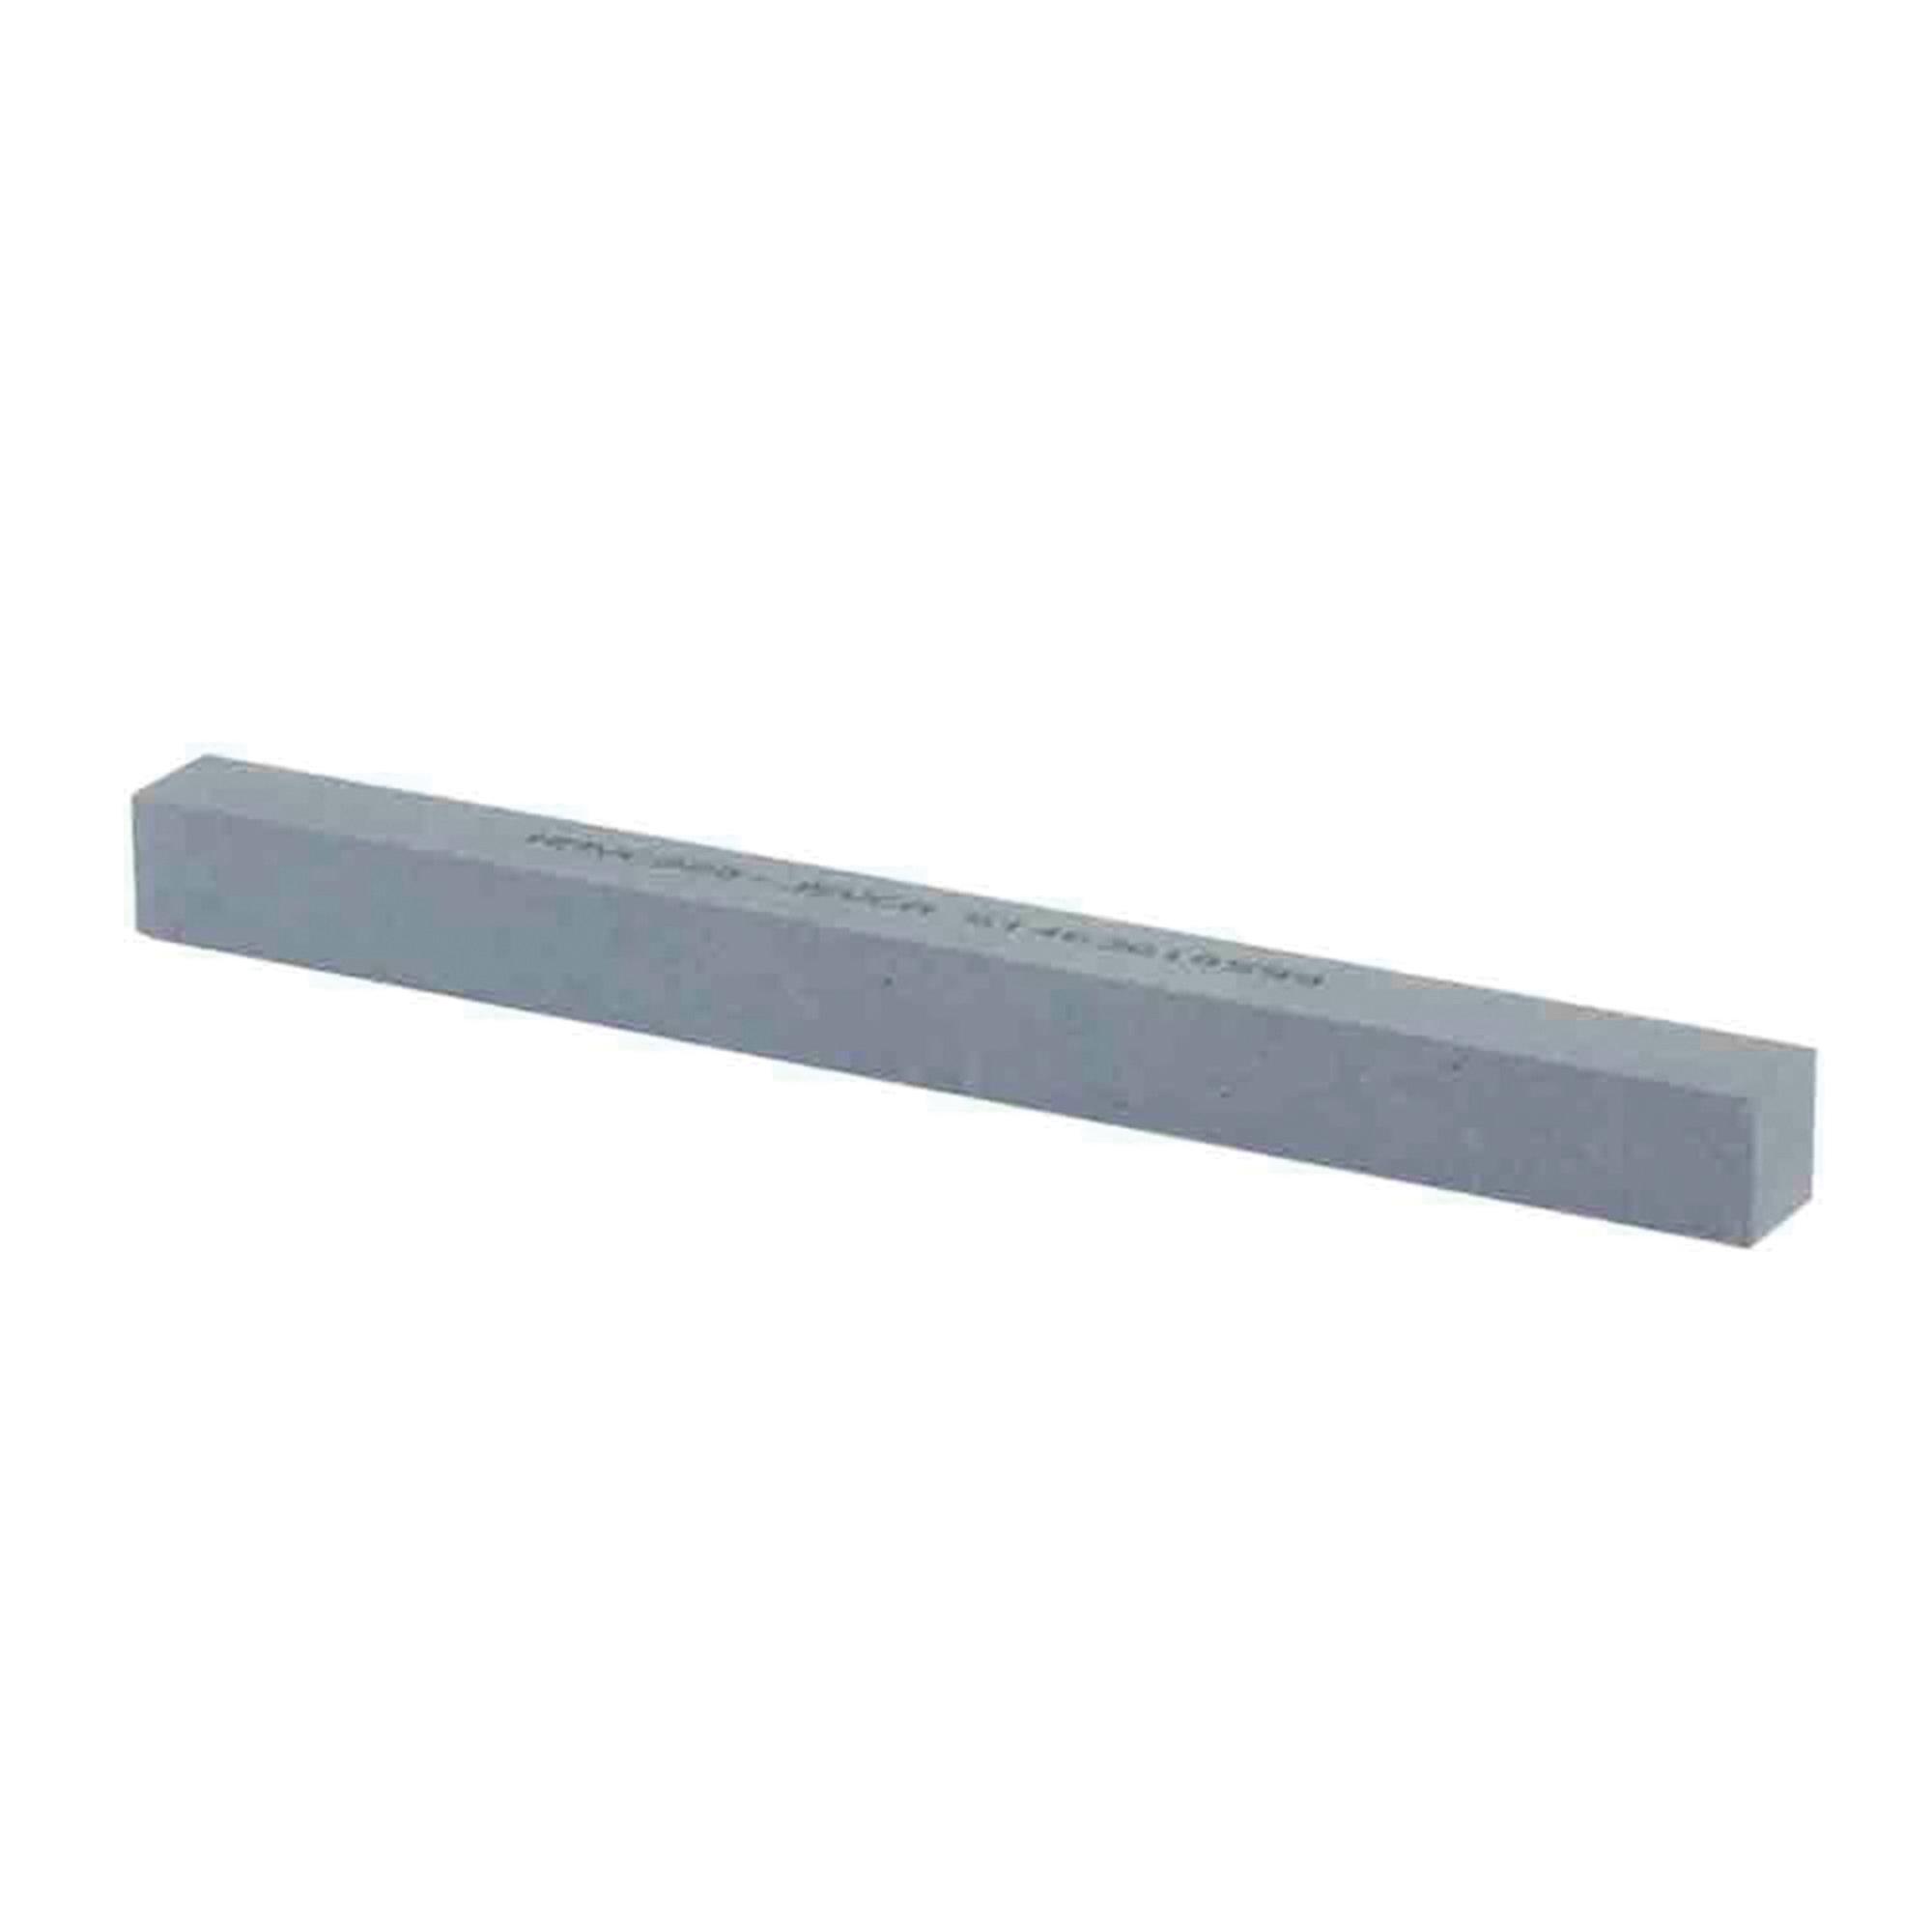 Norton® 61463610605 NMVC Dressing Stick, Squared Shape, 6 in L x 1 in W x 1 in THK